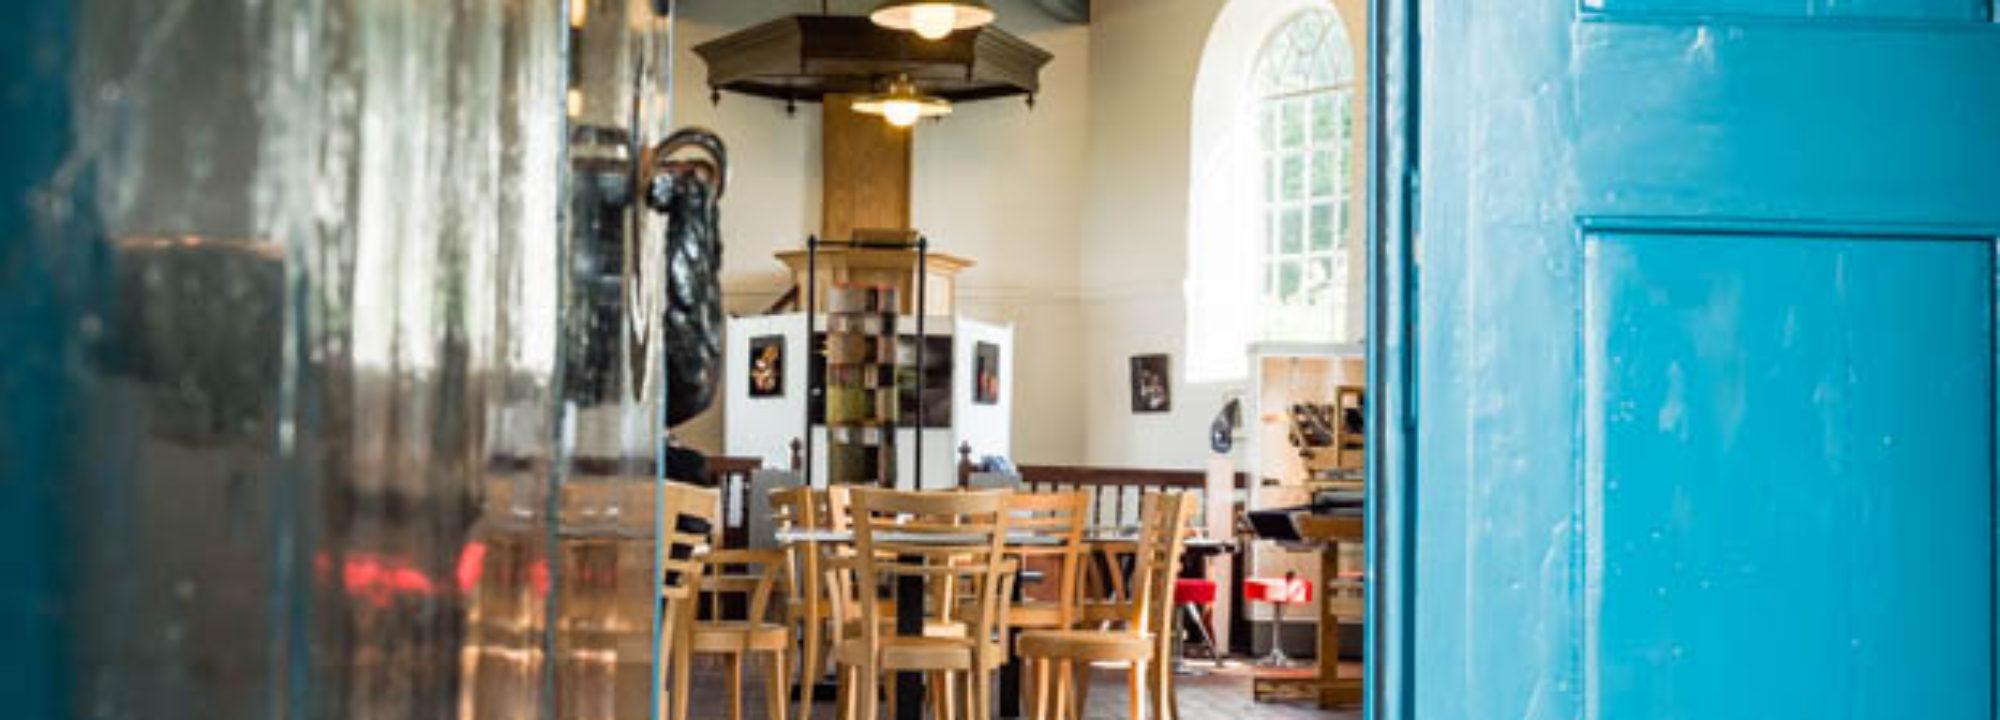 Galerie Mildam